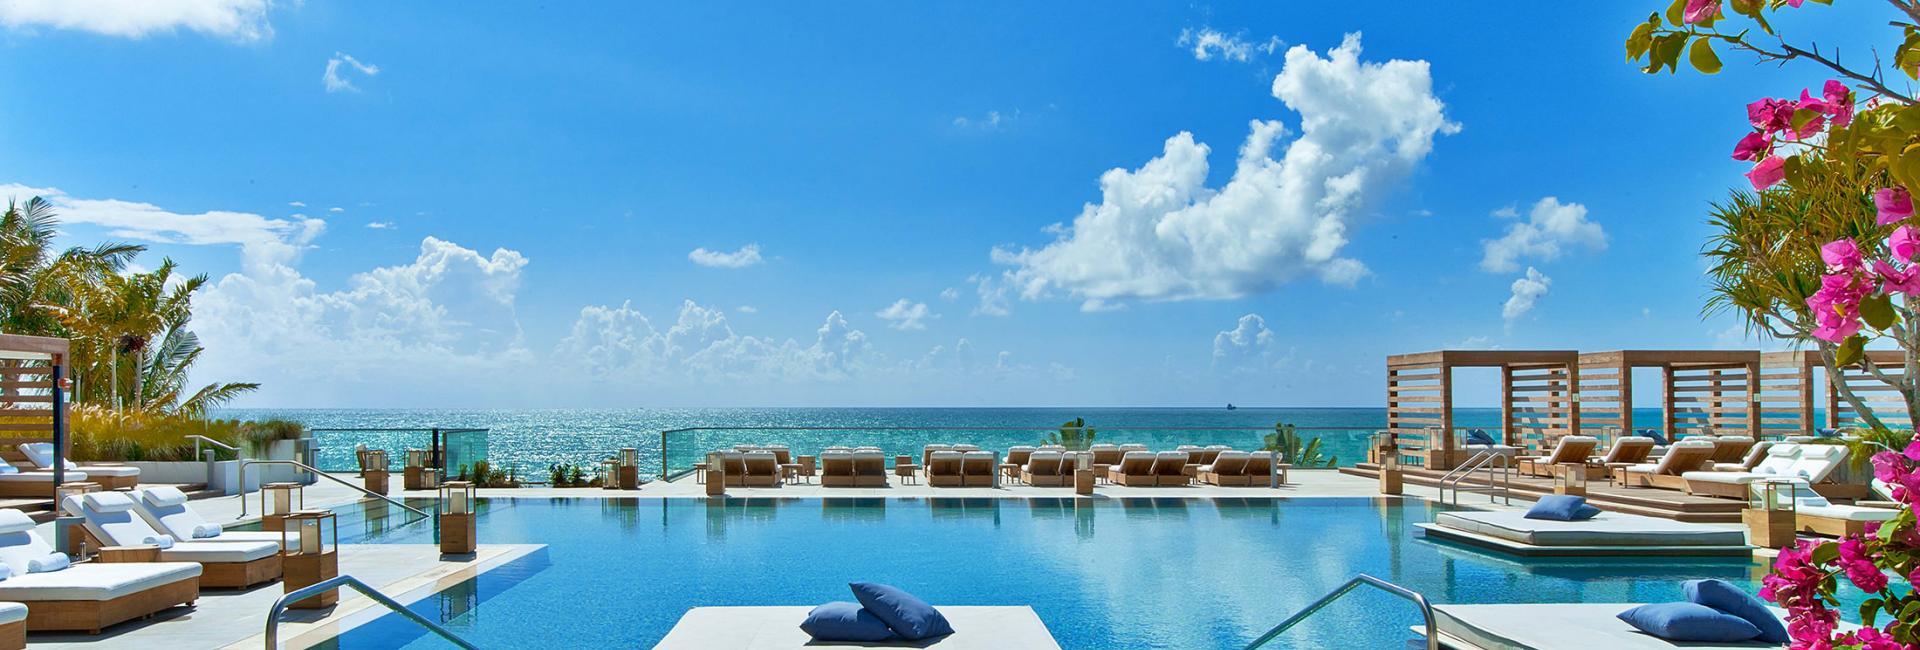 south beach pools beaches 1 hotel south beach